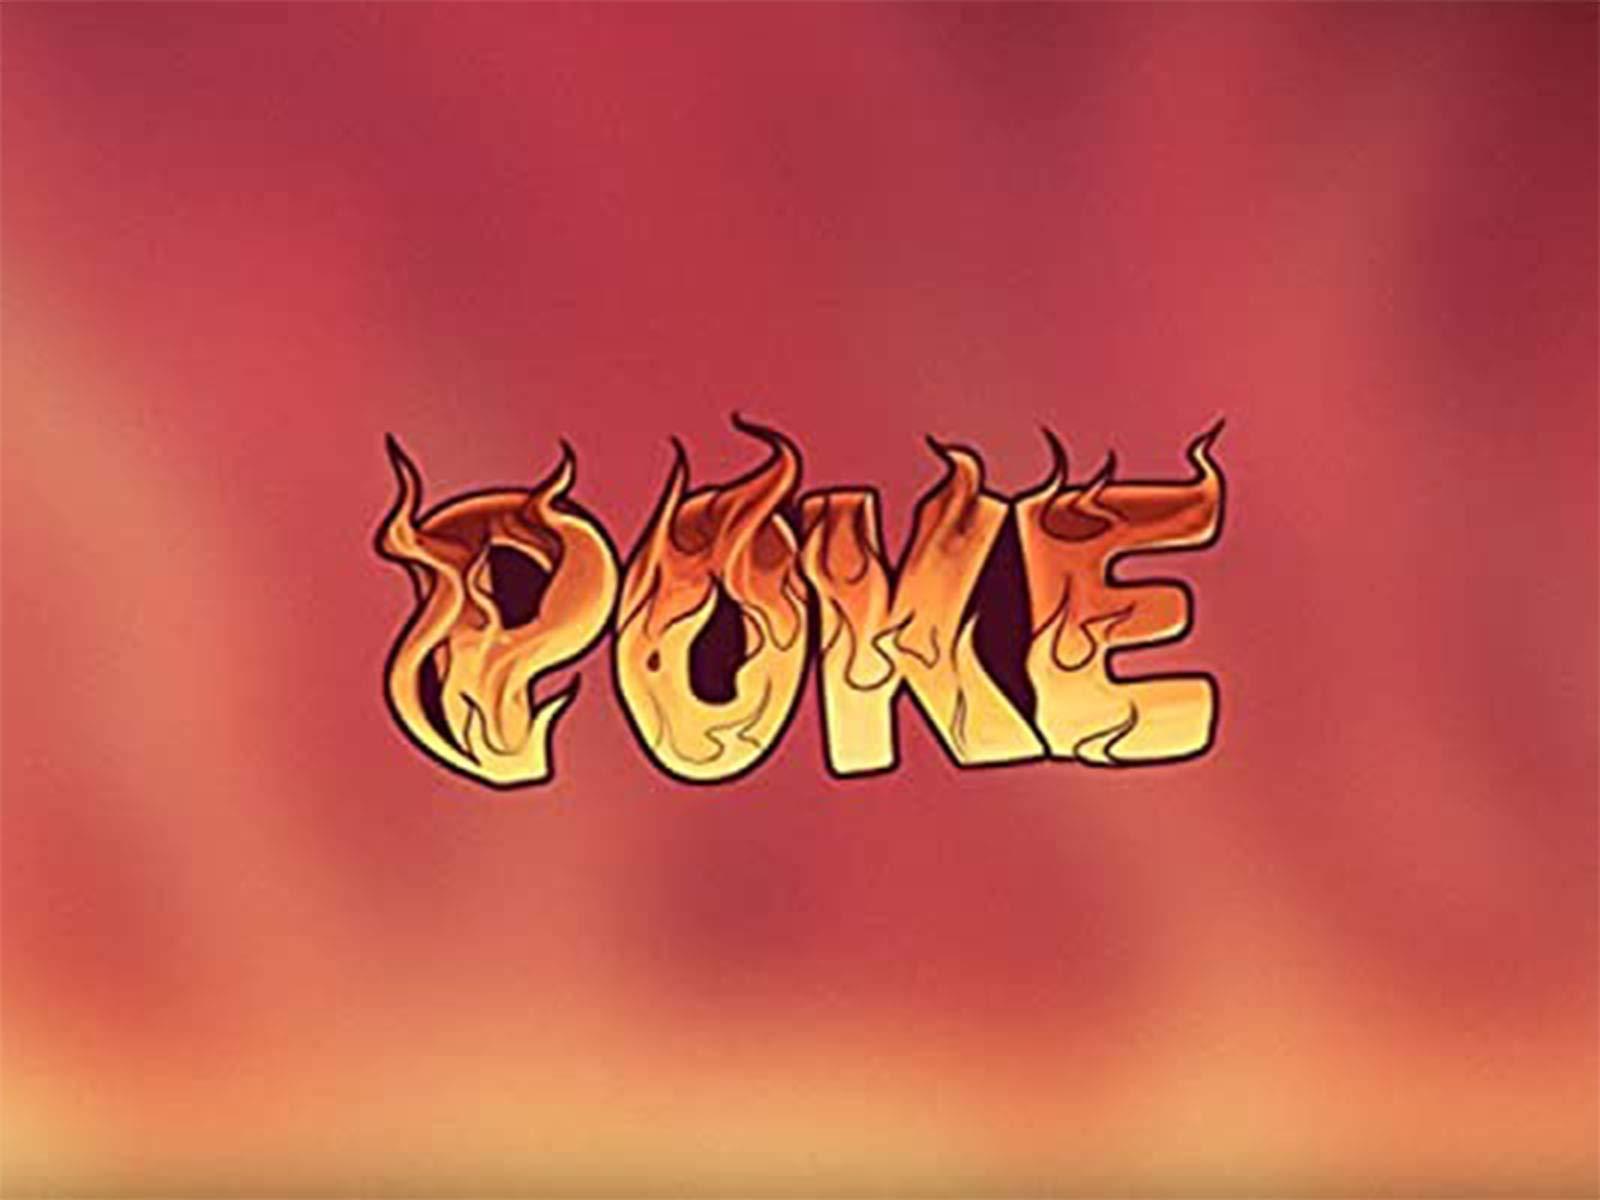 Clip: Poke - Season 37